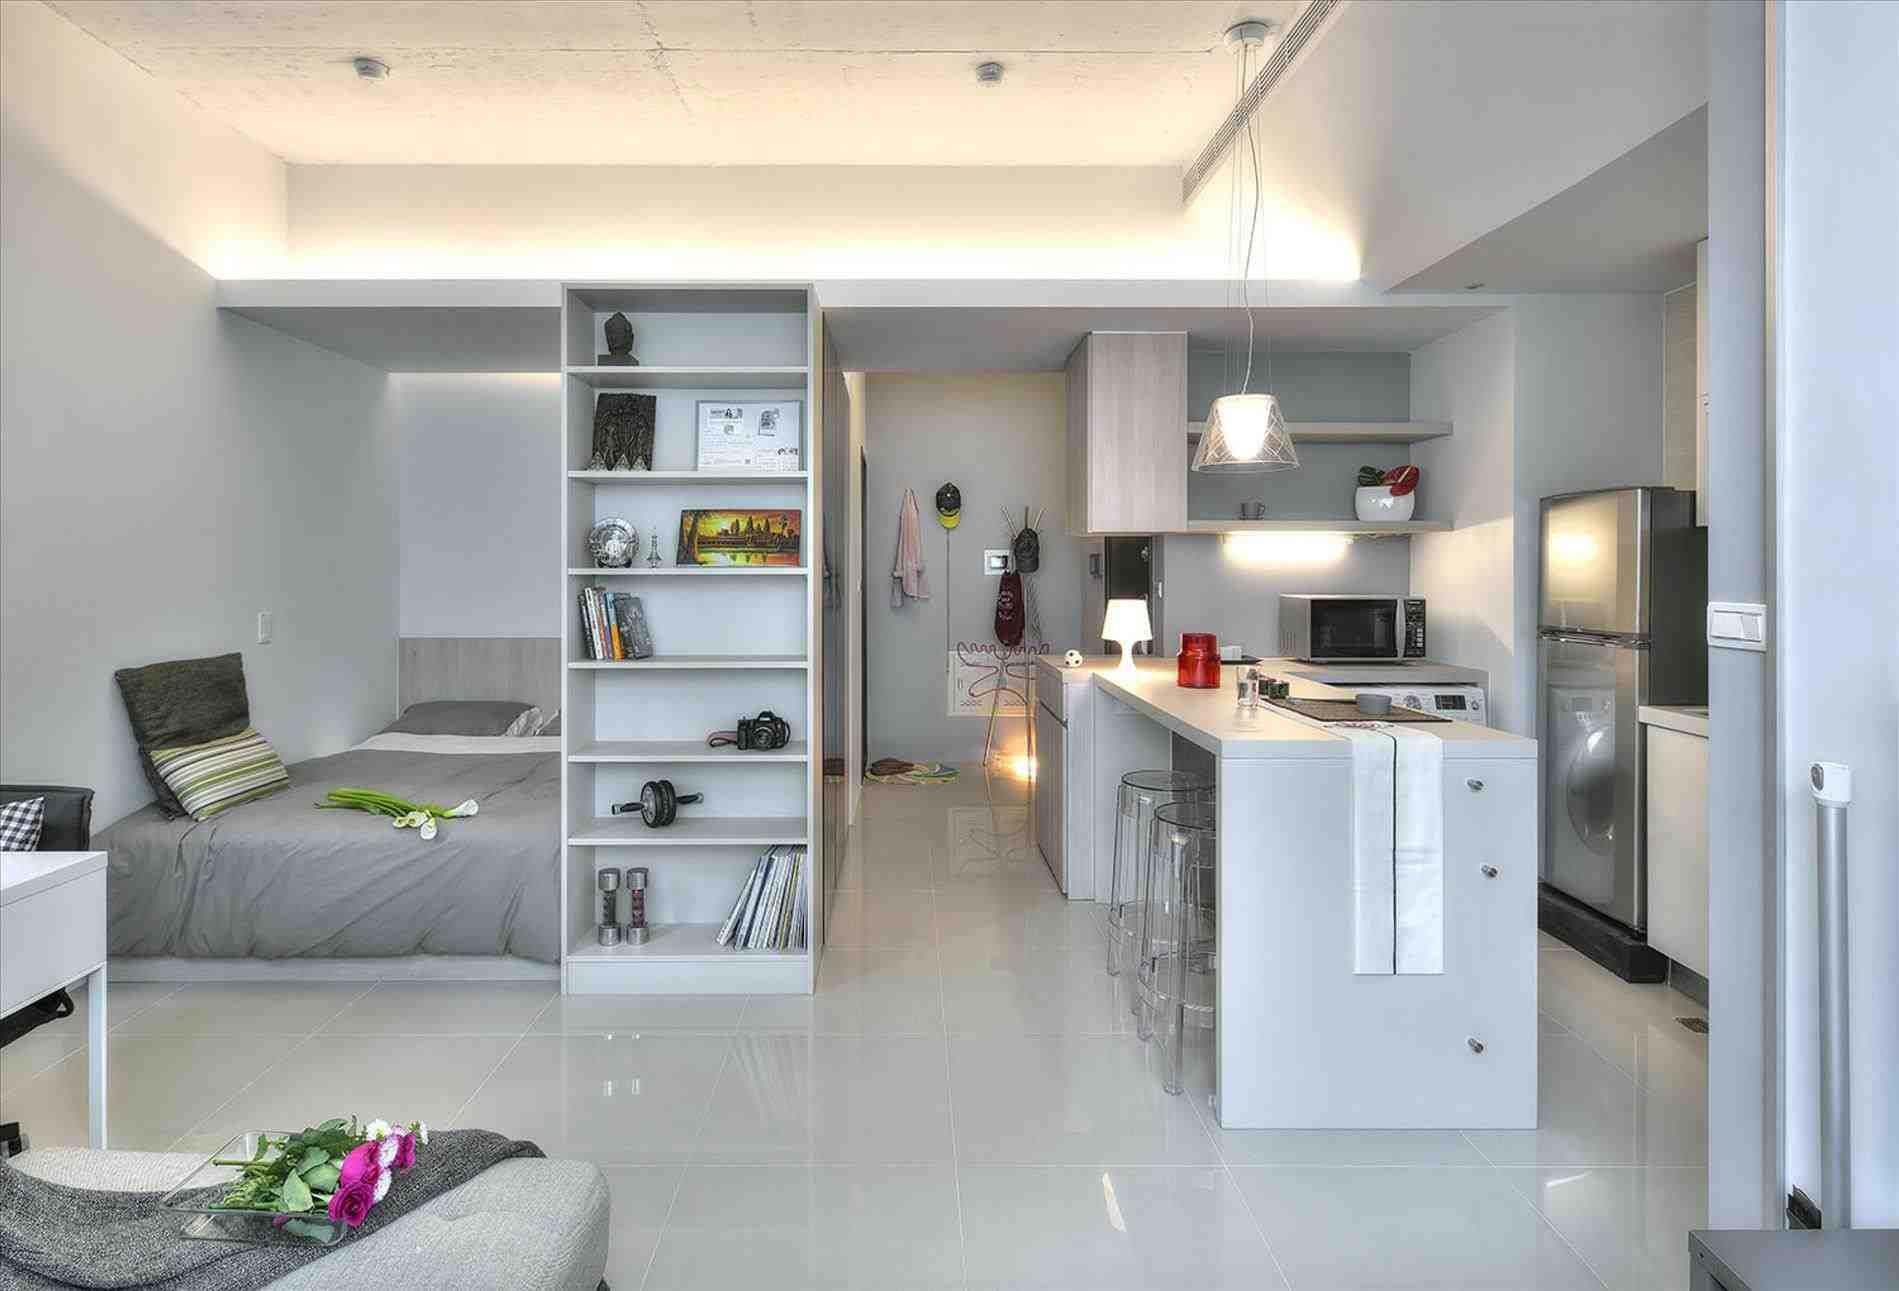 """Căn hộ chung cư 25m²: Giấc mơ an cư của người thu nhập thấp hay """"ổ chuột"""" trên cao? - Ảnh 3."""